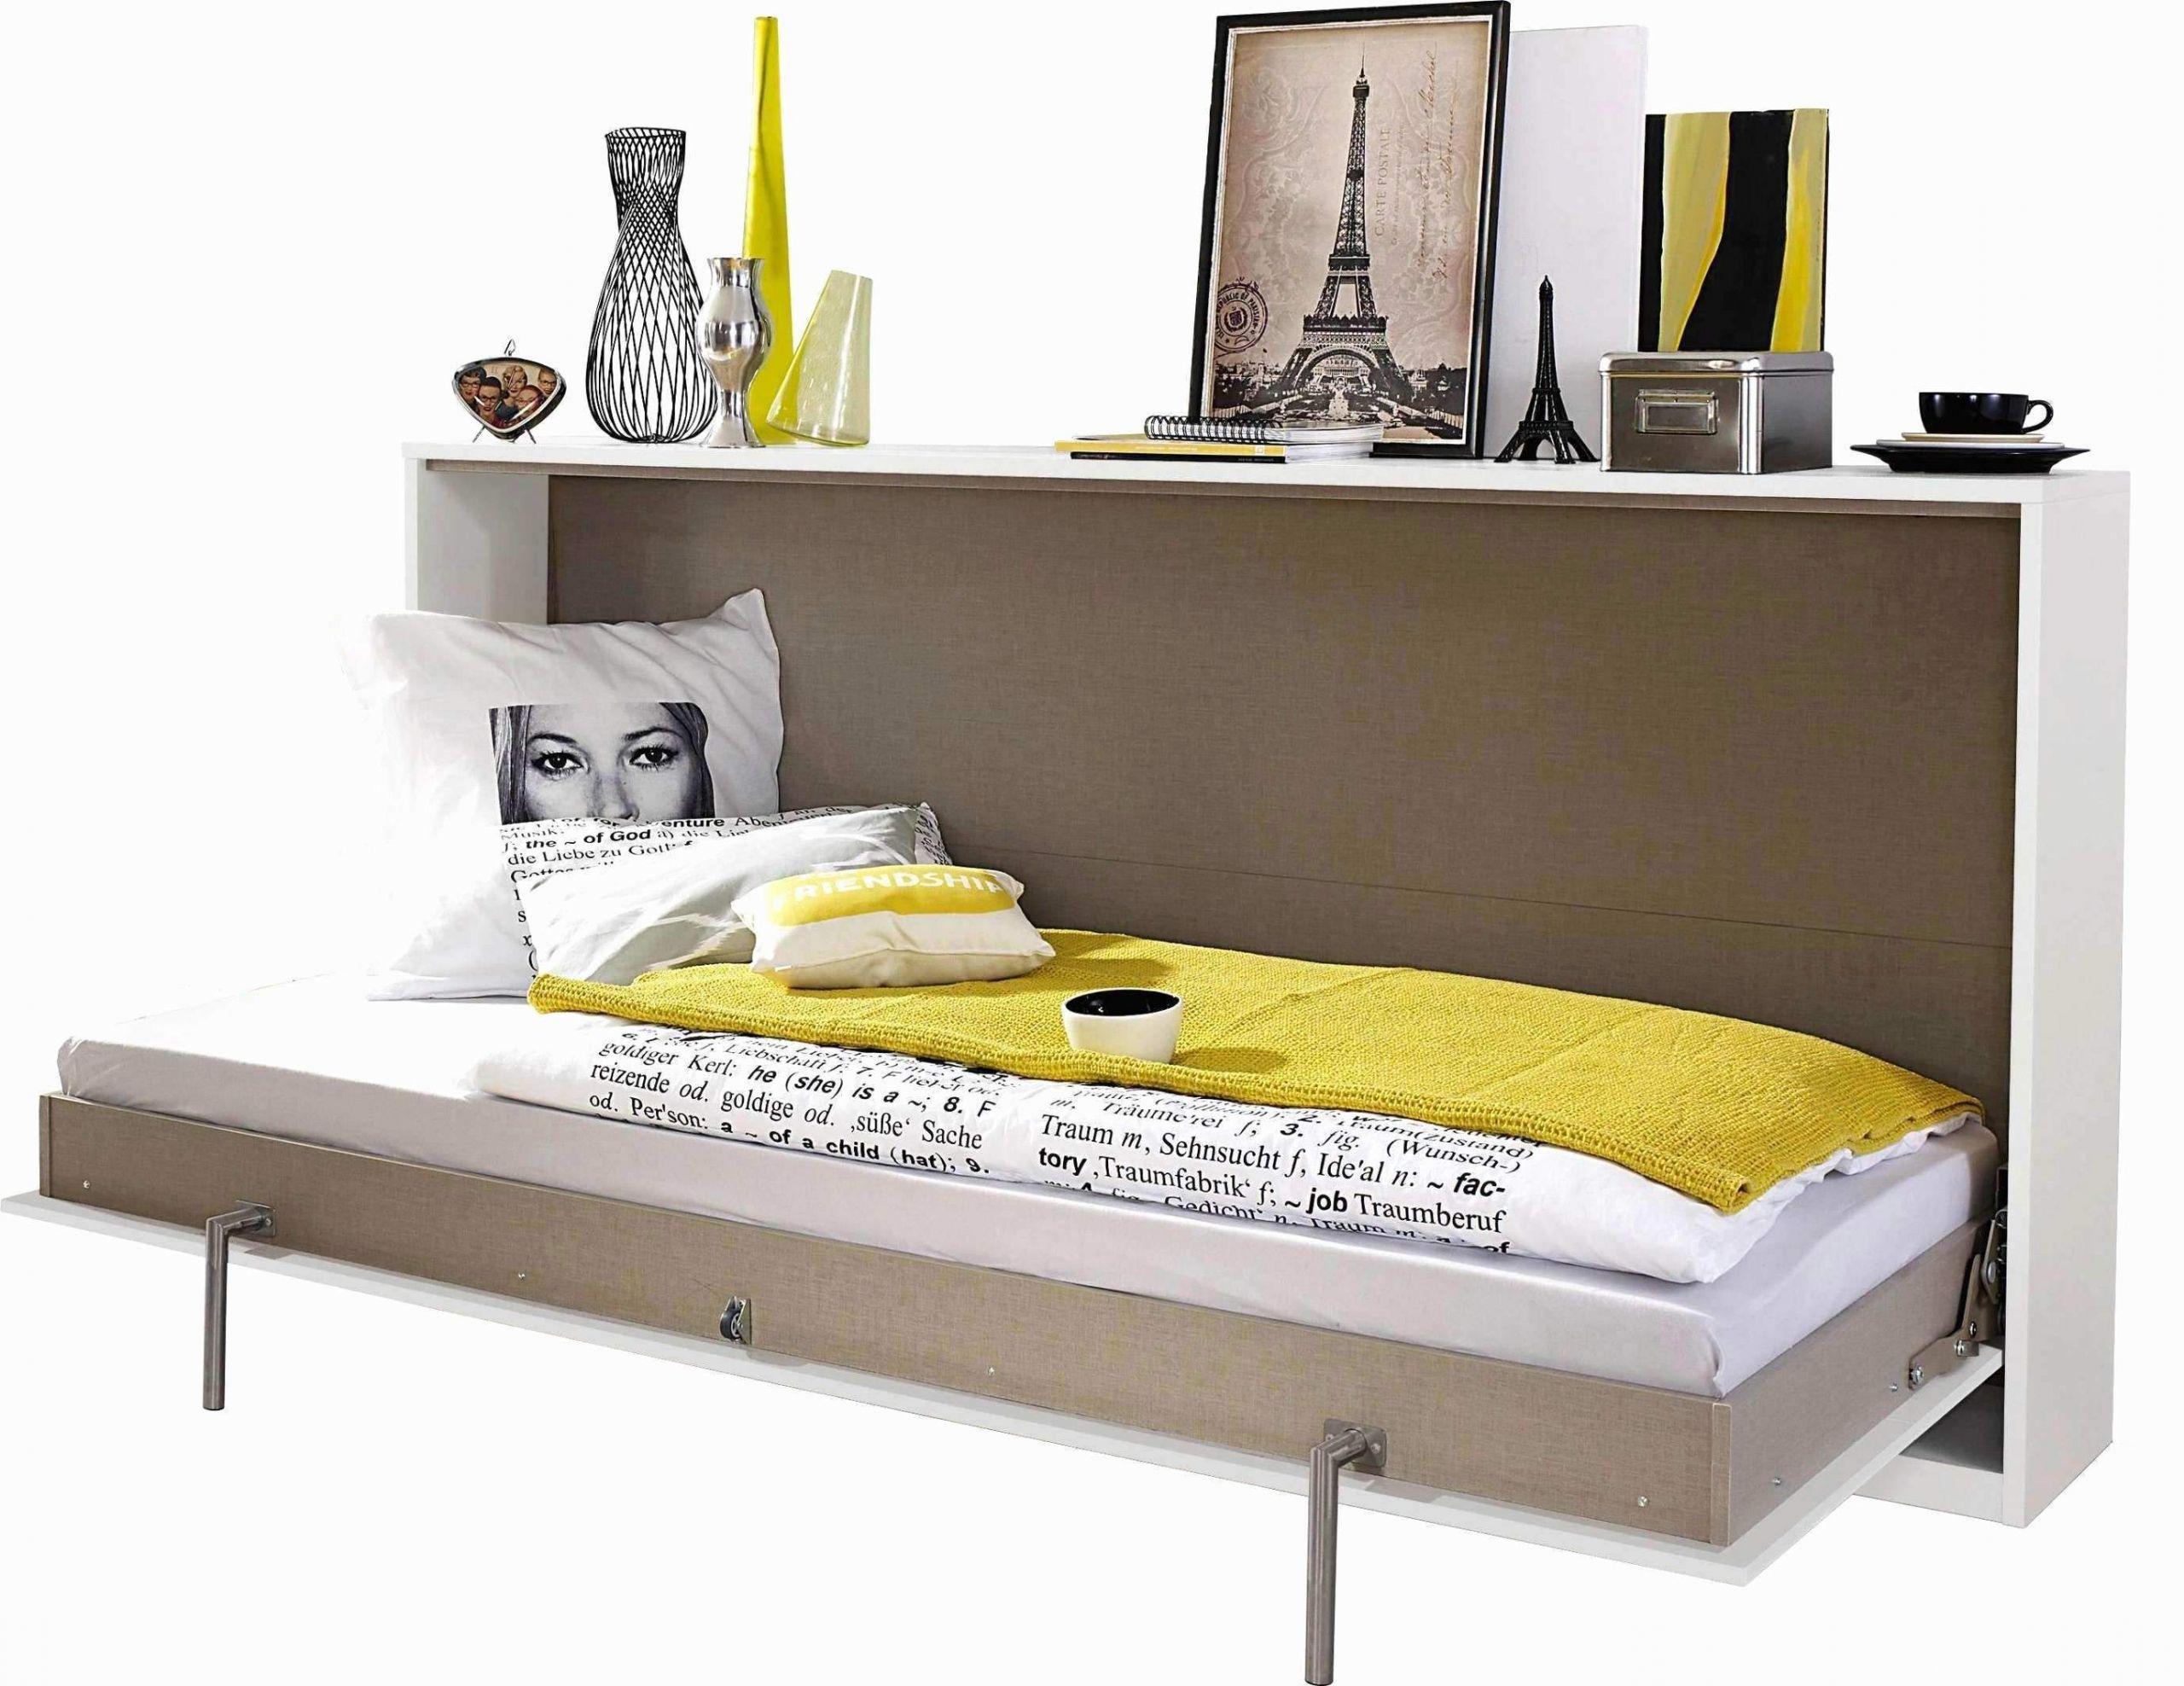 couchtisch modern gunstig elegant 45 beste von u sofa gunstig planen of couchtisch modern gunstig